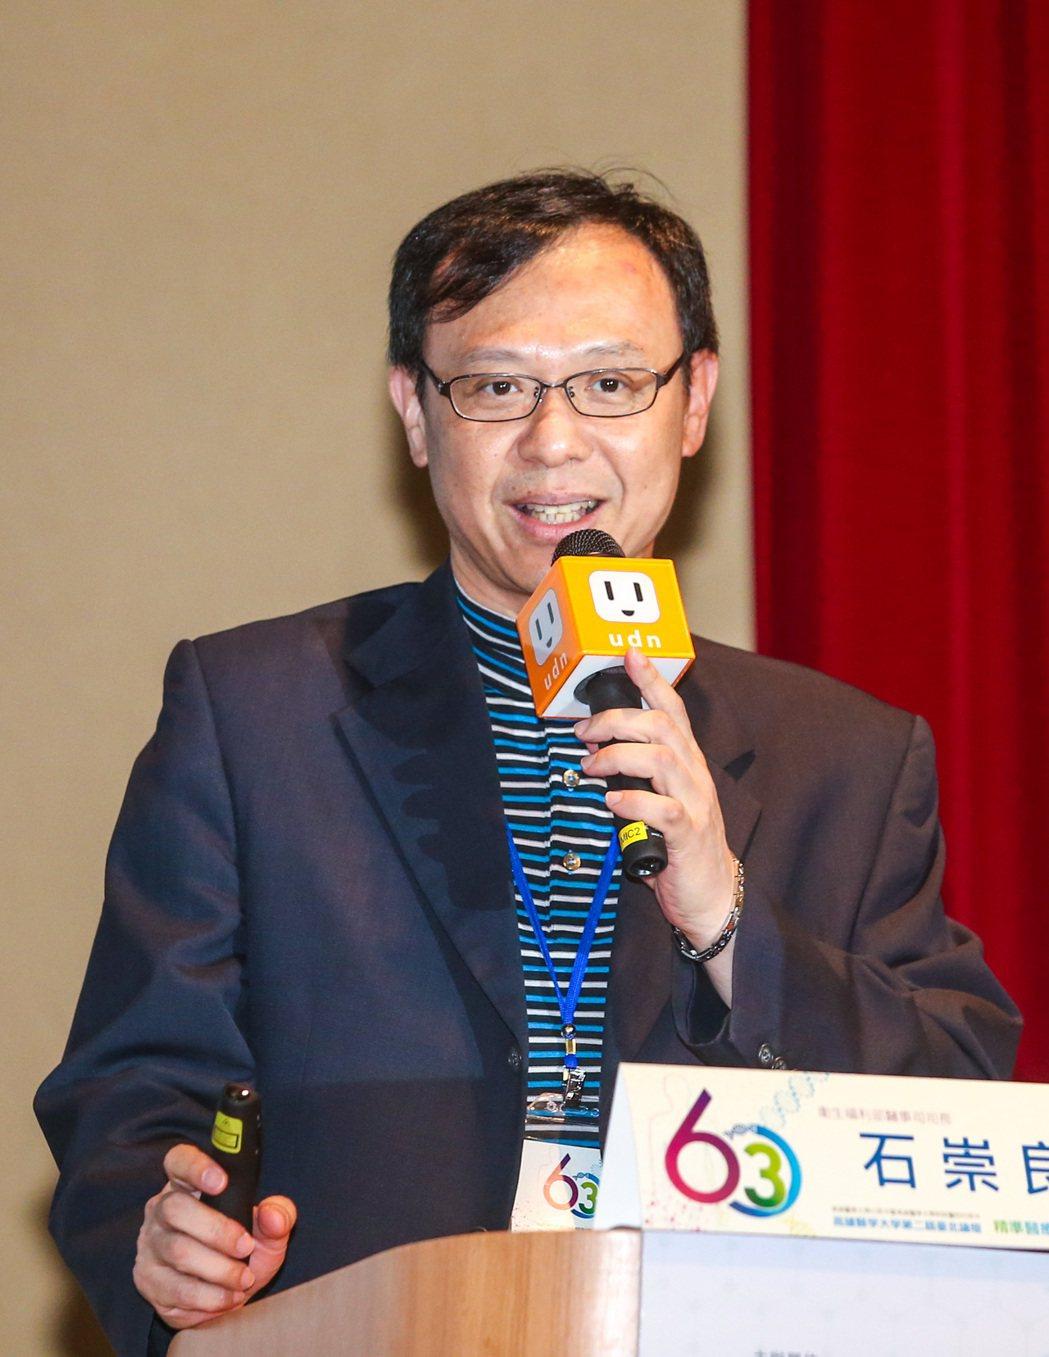 高雄醫學大學第二屆台北論壇「精準醫療銀光健康」在張榮發基金會舉行,衛福部醫事司長...